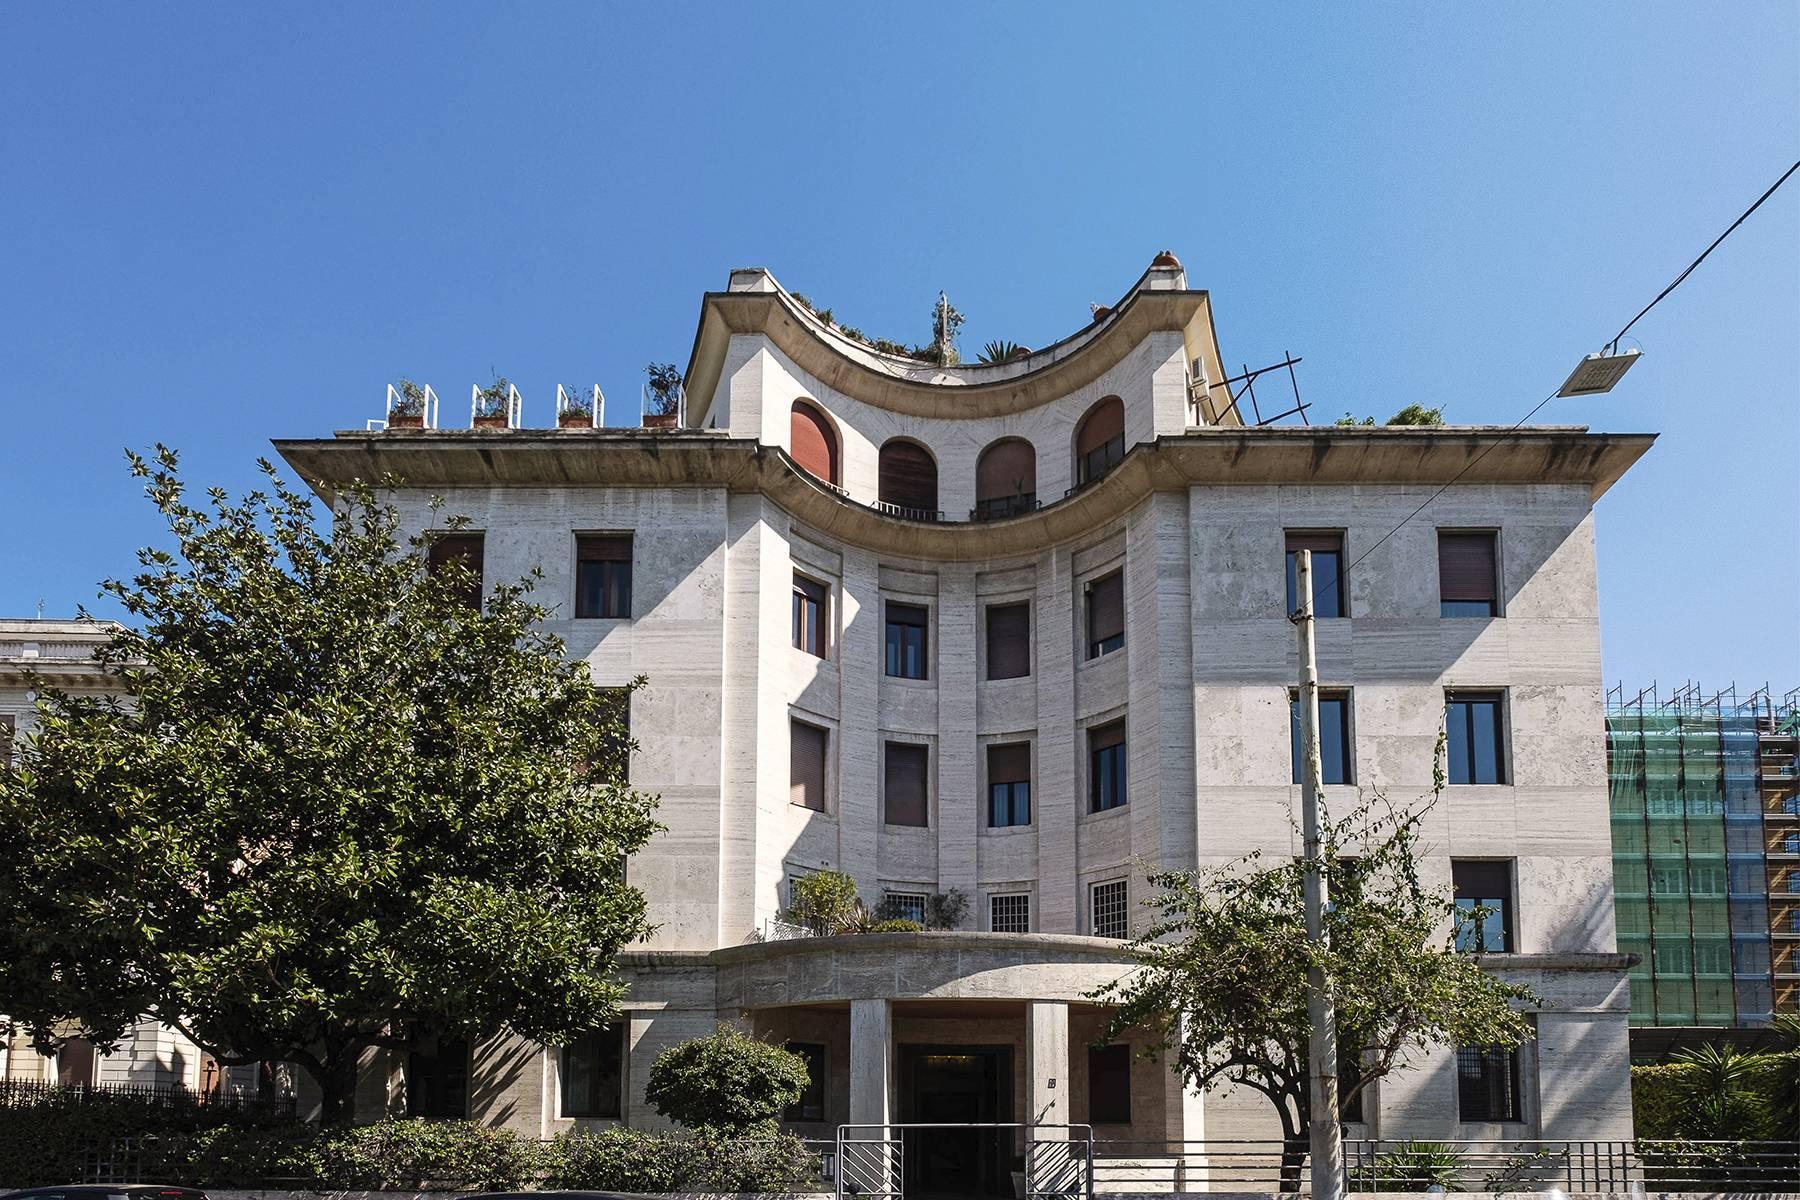 Spazioso appartamento nel quartiere Flaminio - 1